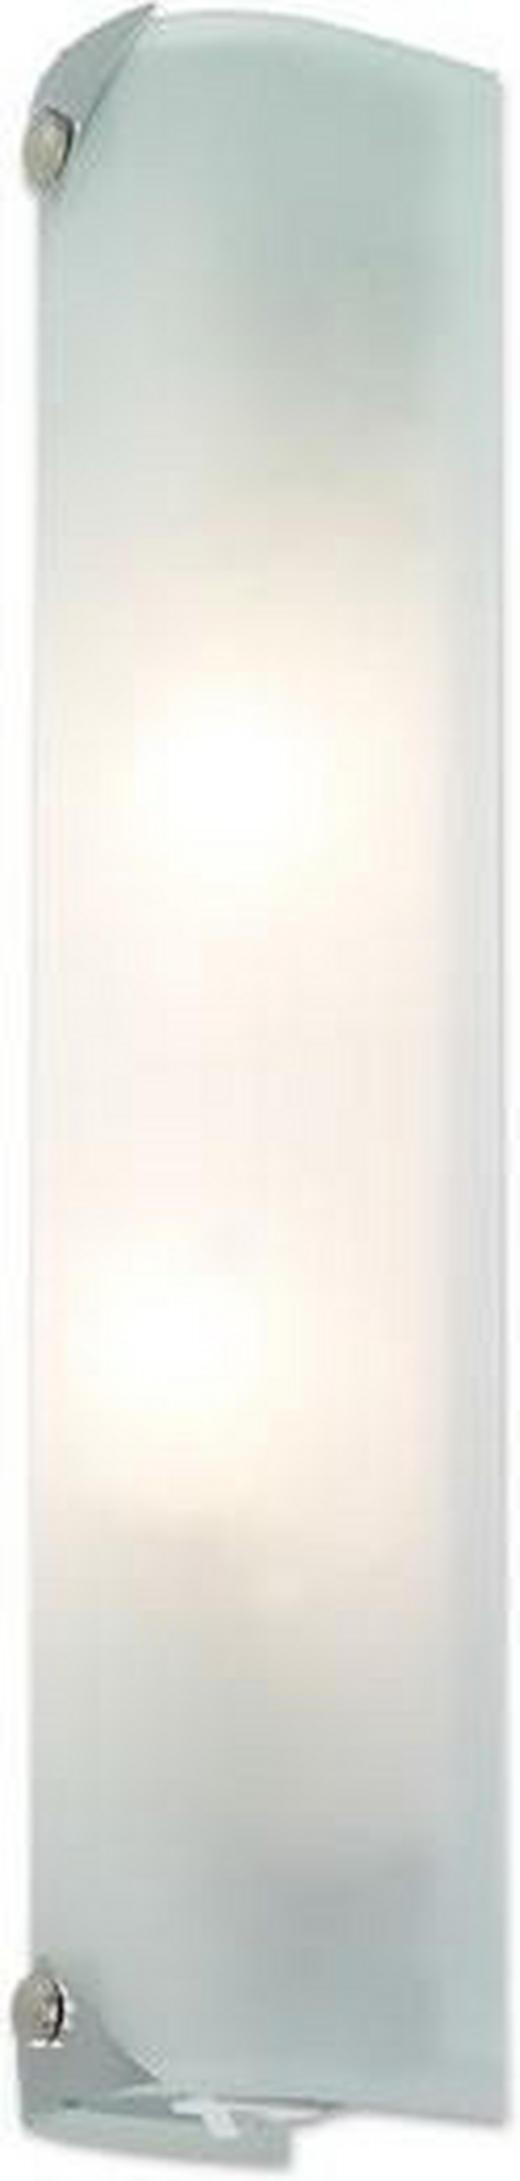 BADEZIMMER-WANDLEUCHTE - Chromfarben/Weiß, KONVENTIONELL, Metall (25cm)